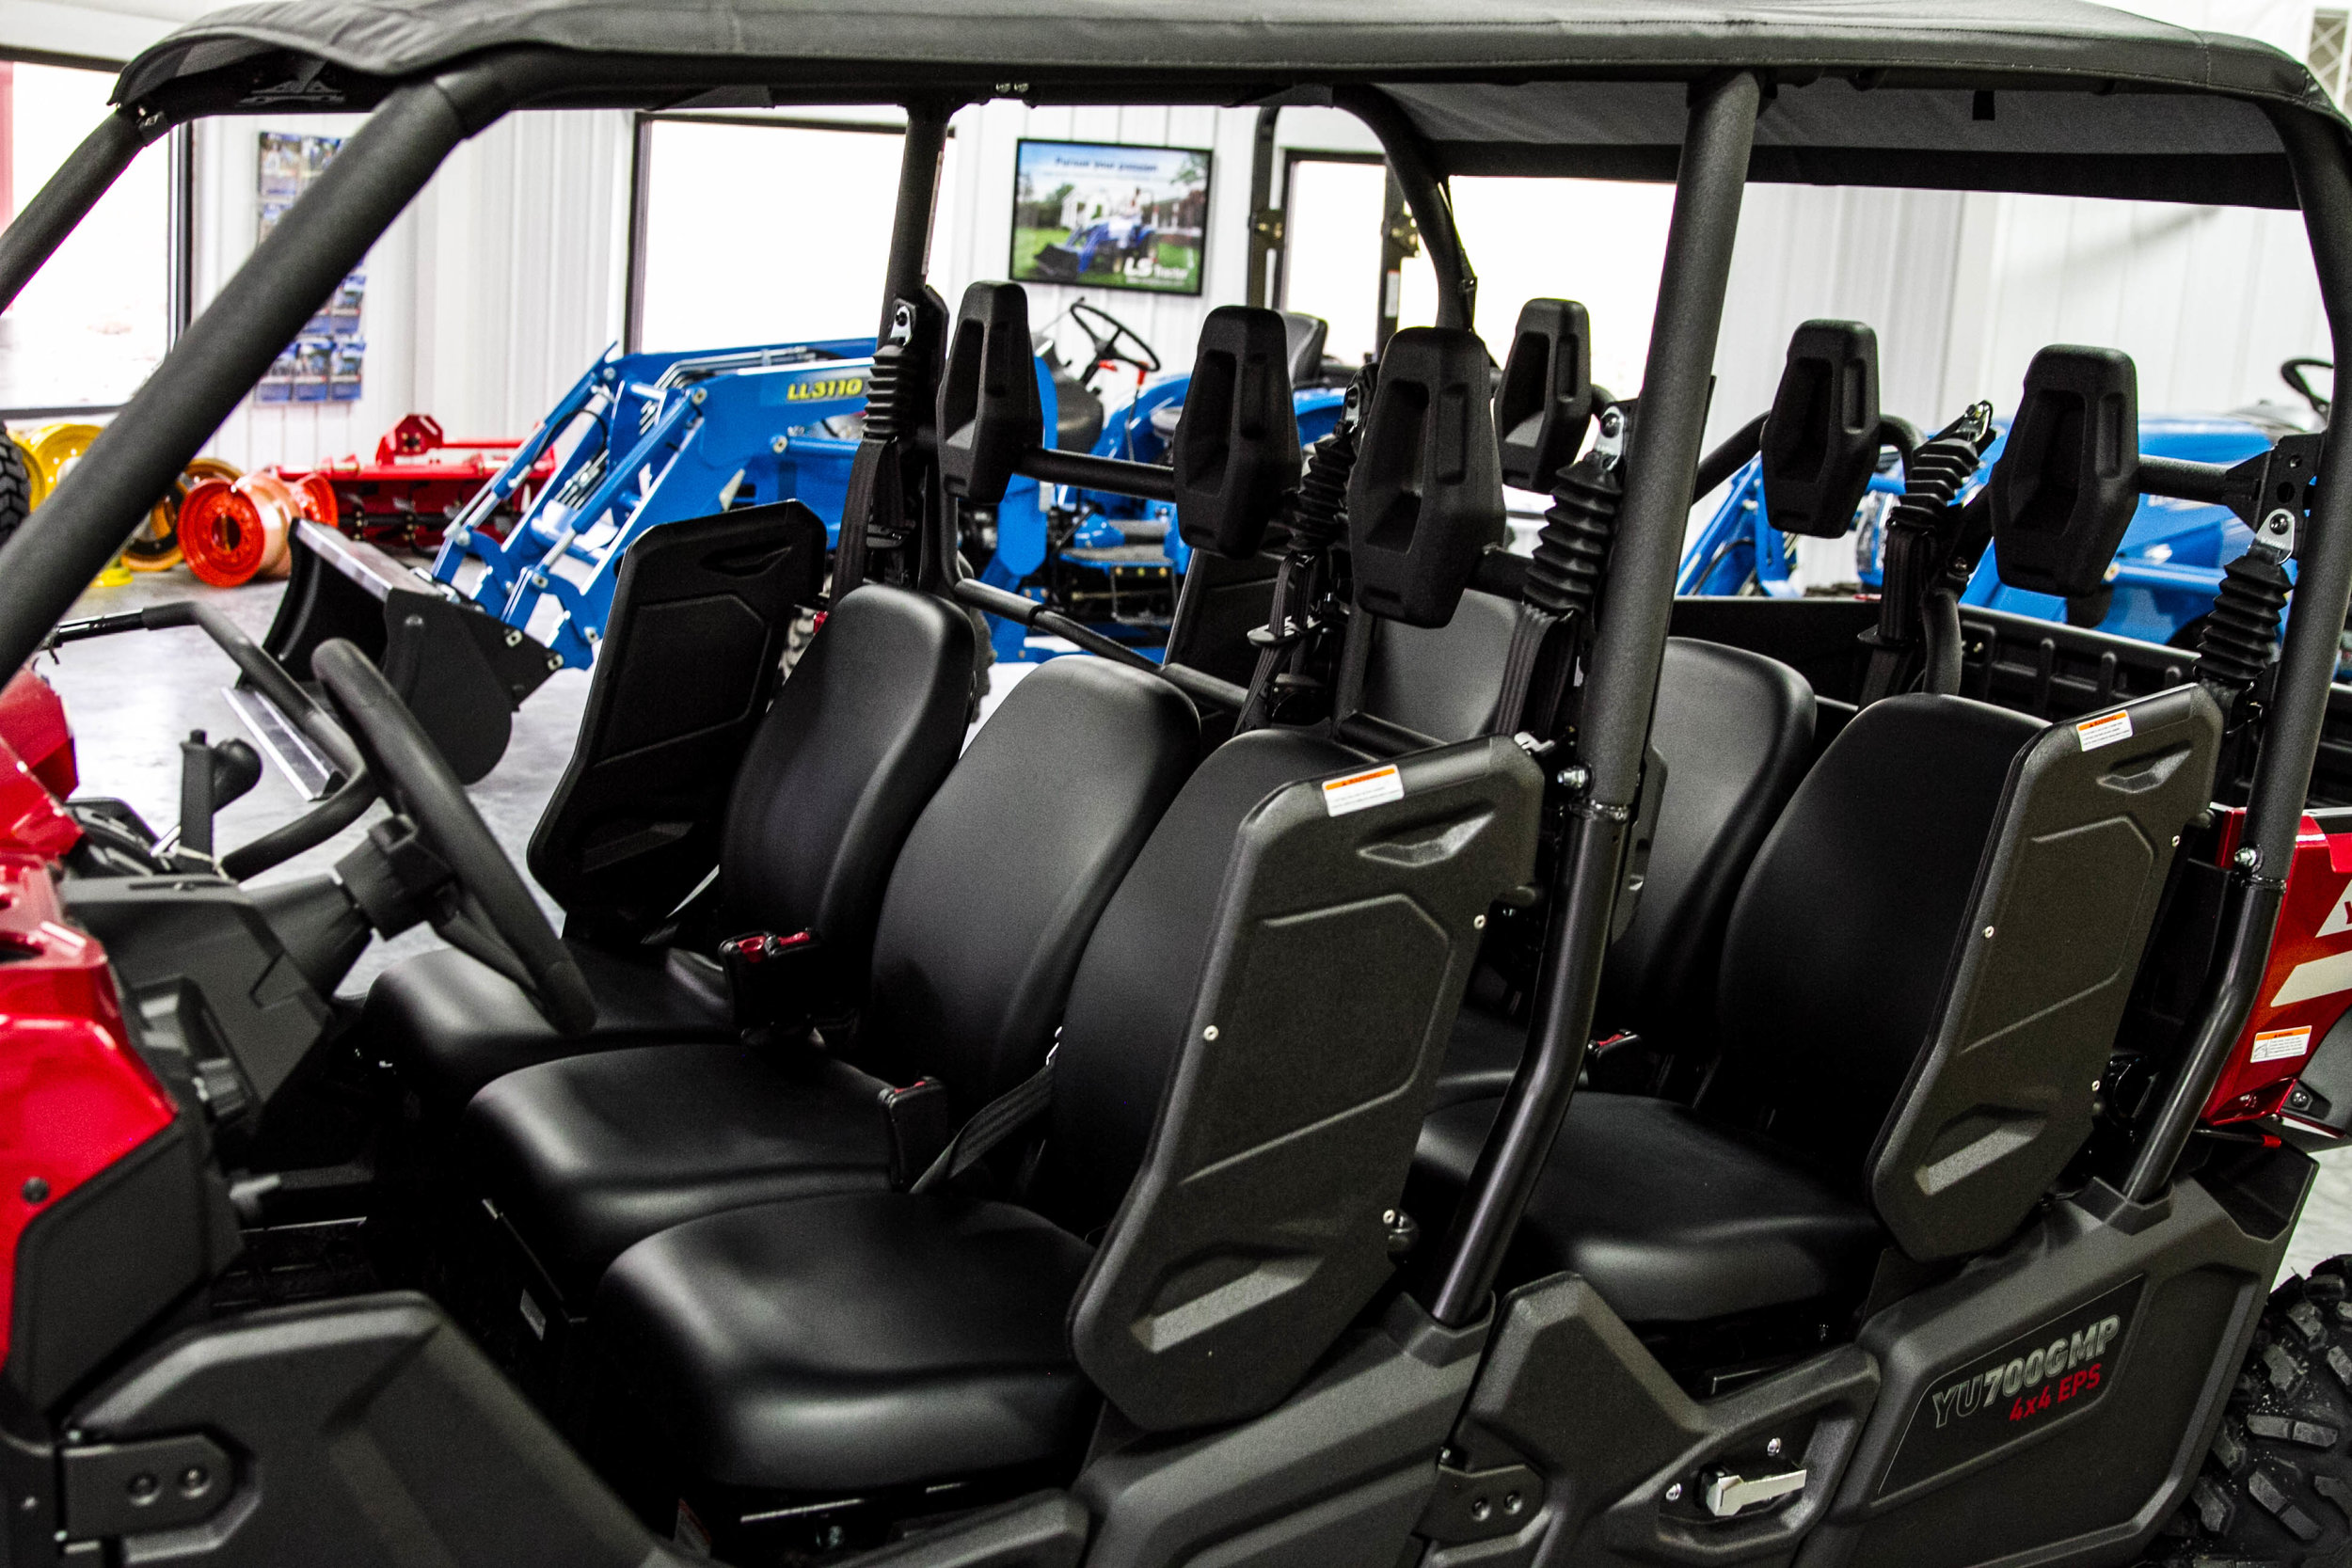 6 Seater Utv >> Yanmar Longhorn 6 Seater Utv Greg Abbott Equipment Sales